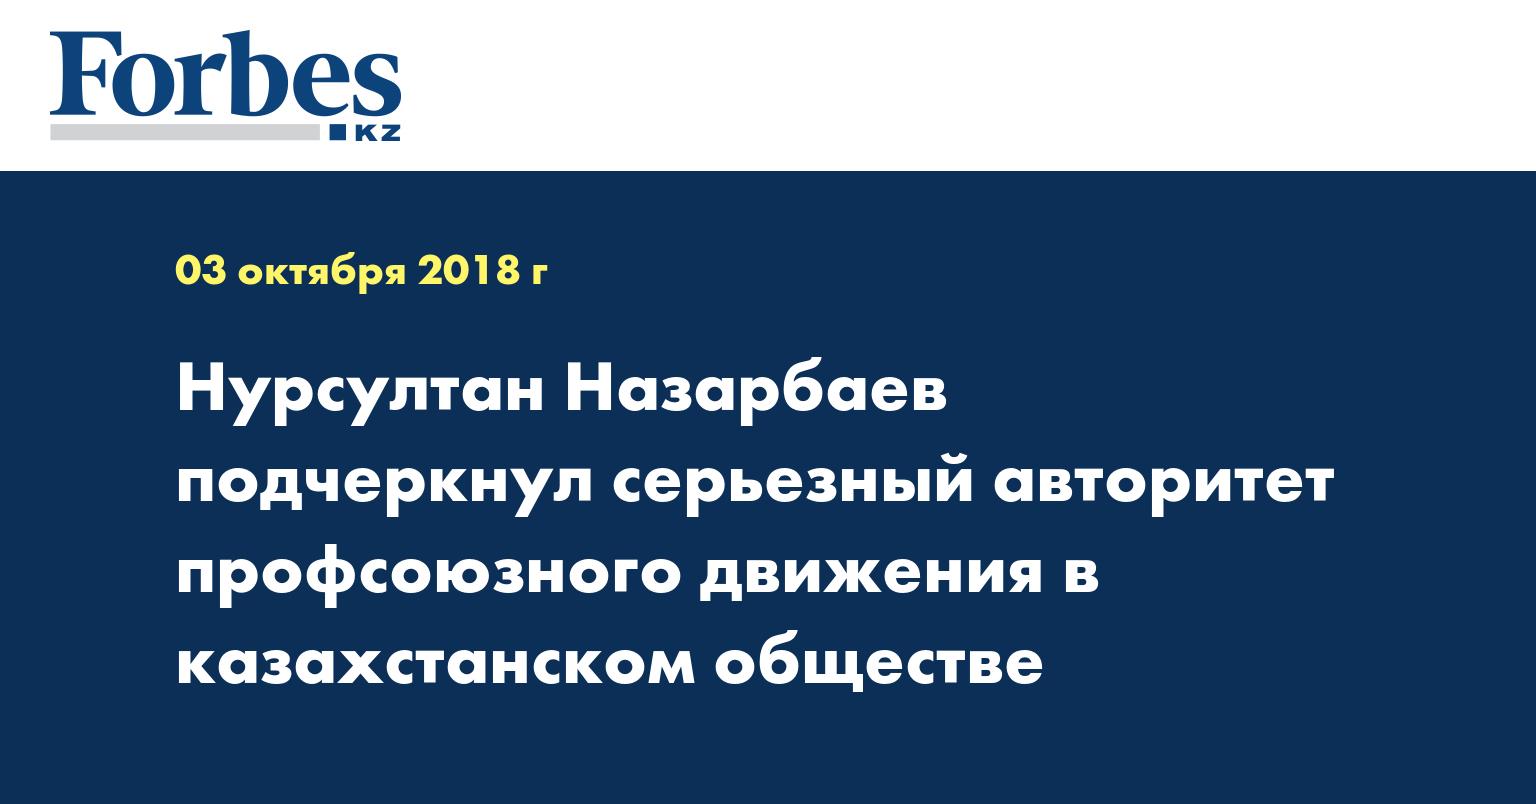 Нурсултан Назарбаев подчеркнул серьезный авторитет профсоюзного движения в казахстанском обществе